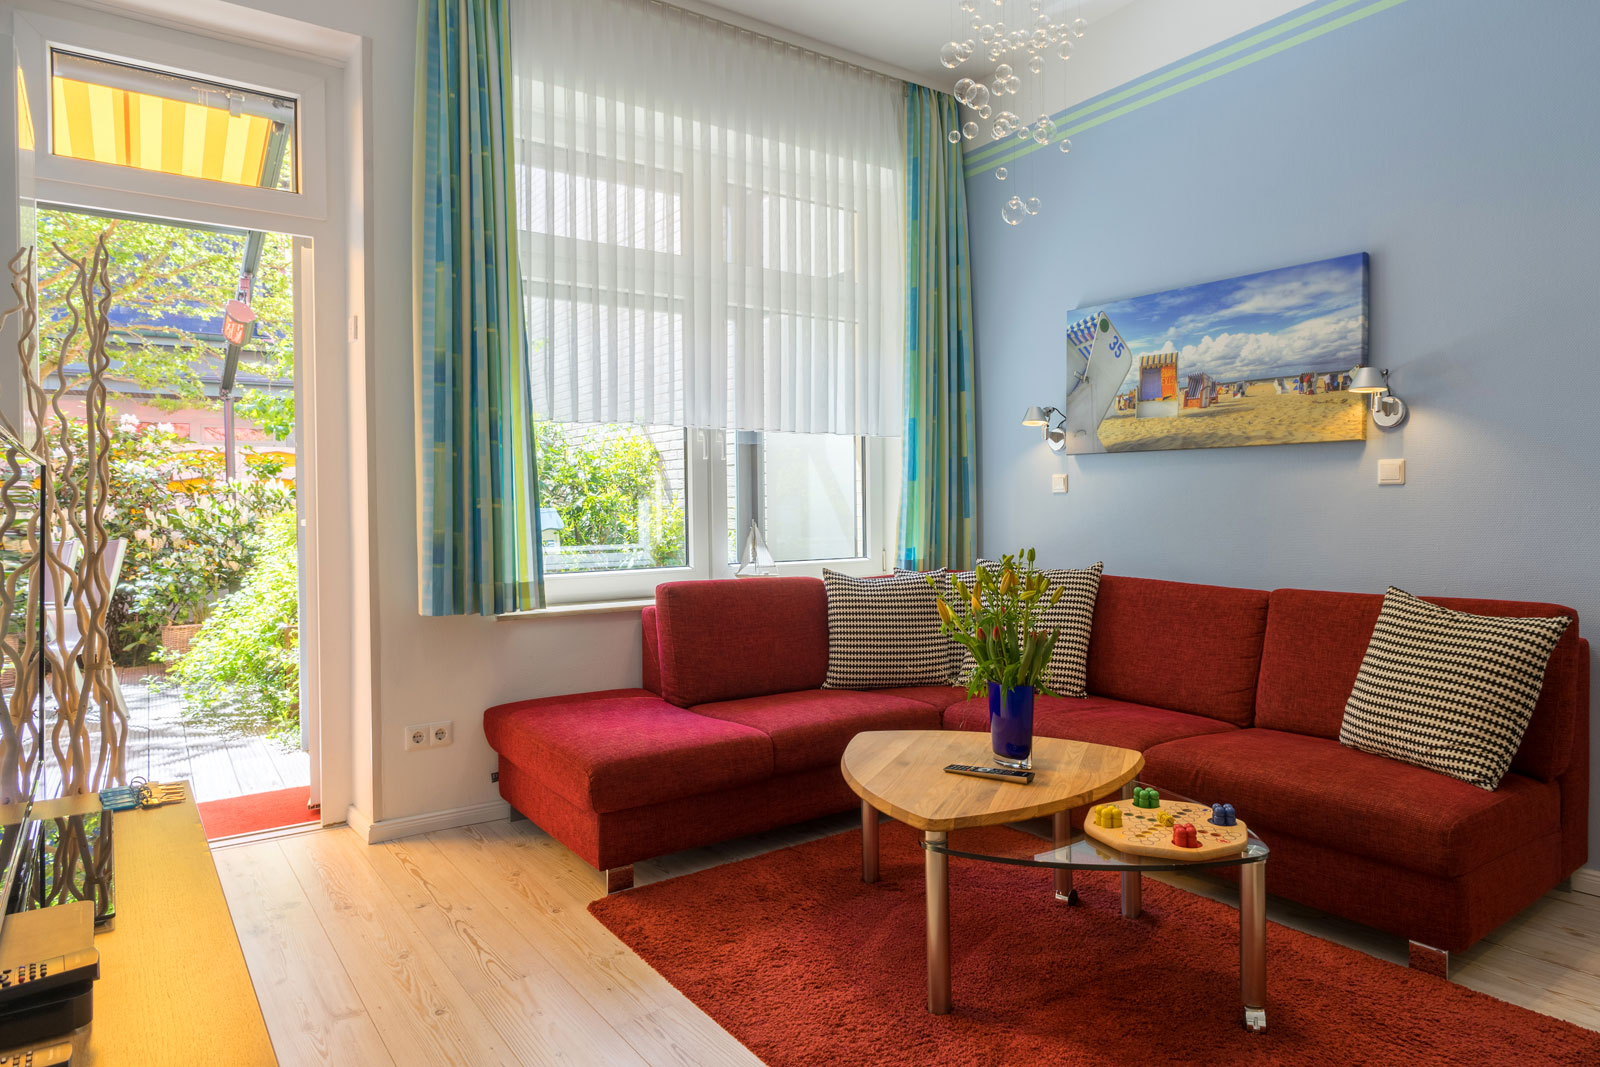 Apartment Achterdeck, Wohnzimmer mit Blick auf Terrasse